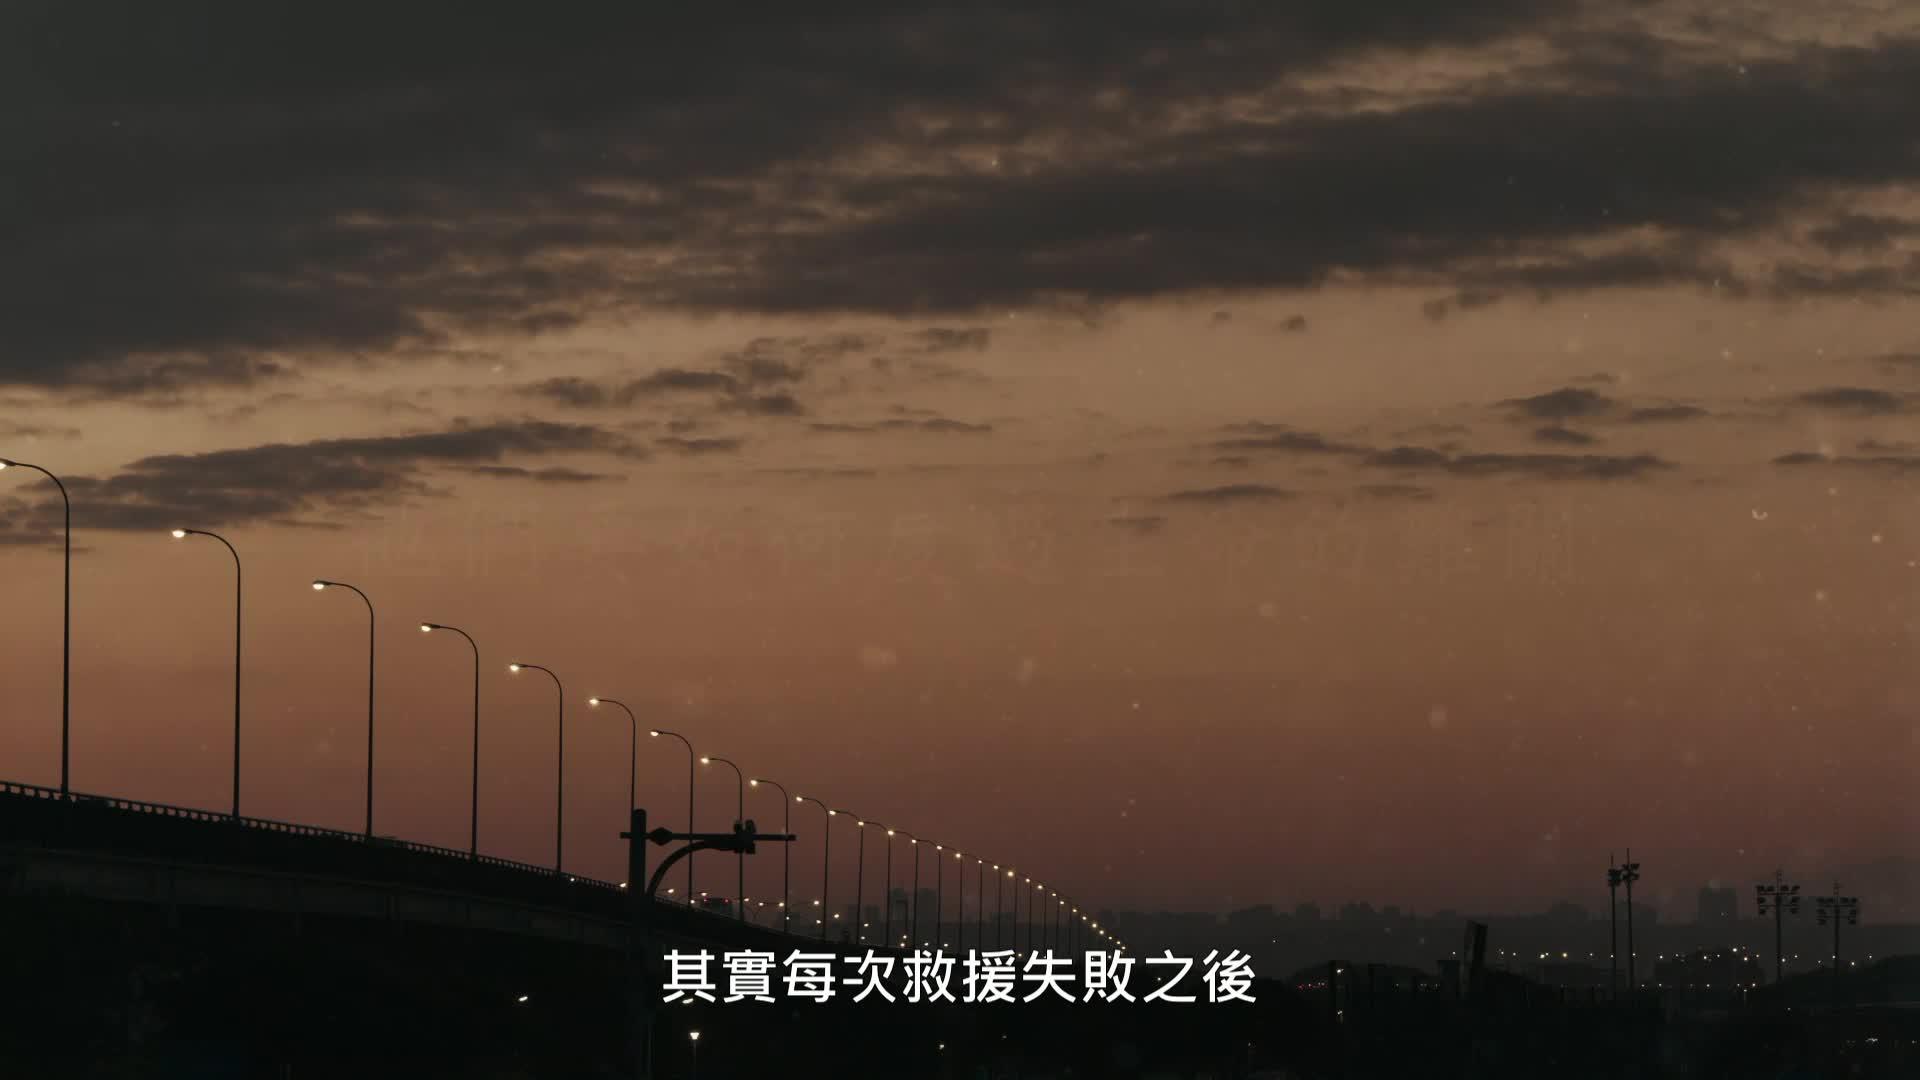 《火神的眼淚》正式預告海報曝光 溫昇豪 陳庭妮 林柏宏 劉冠廷「逆火而行」霸氣登場